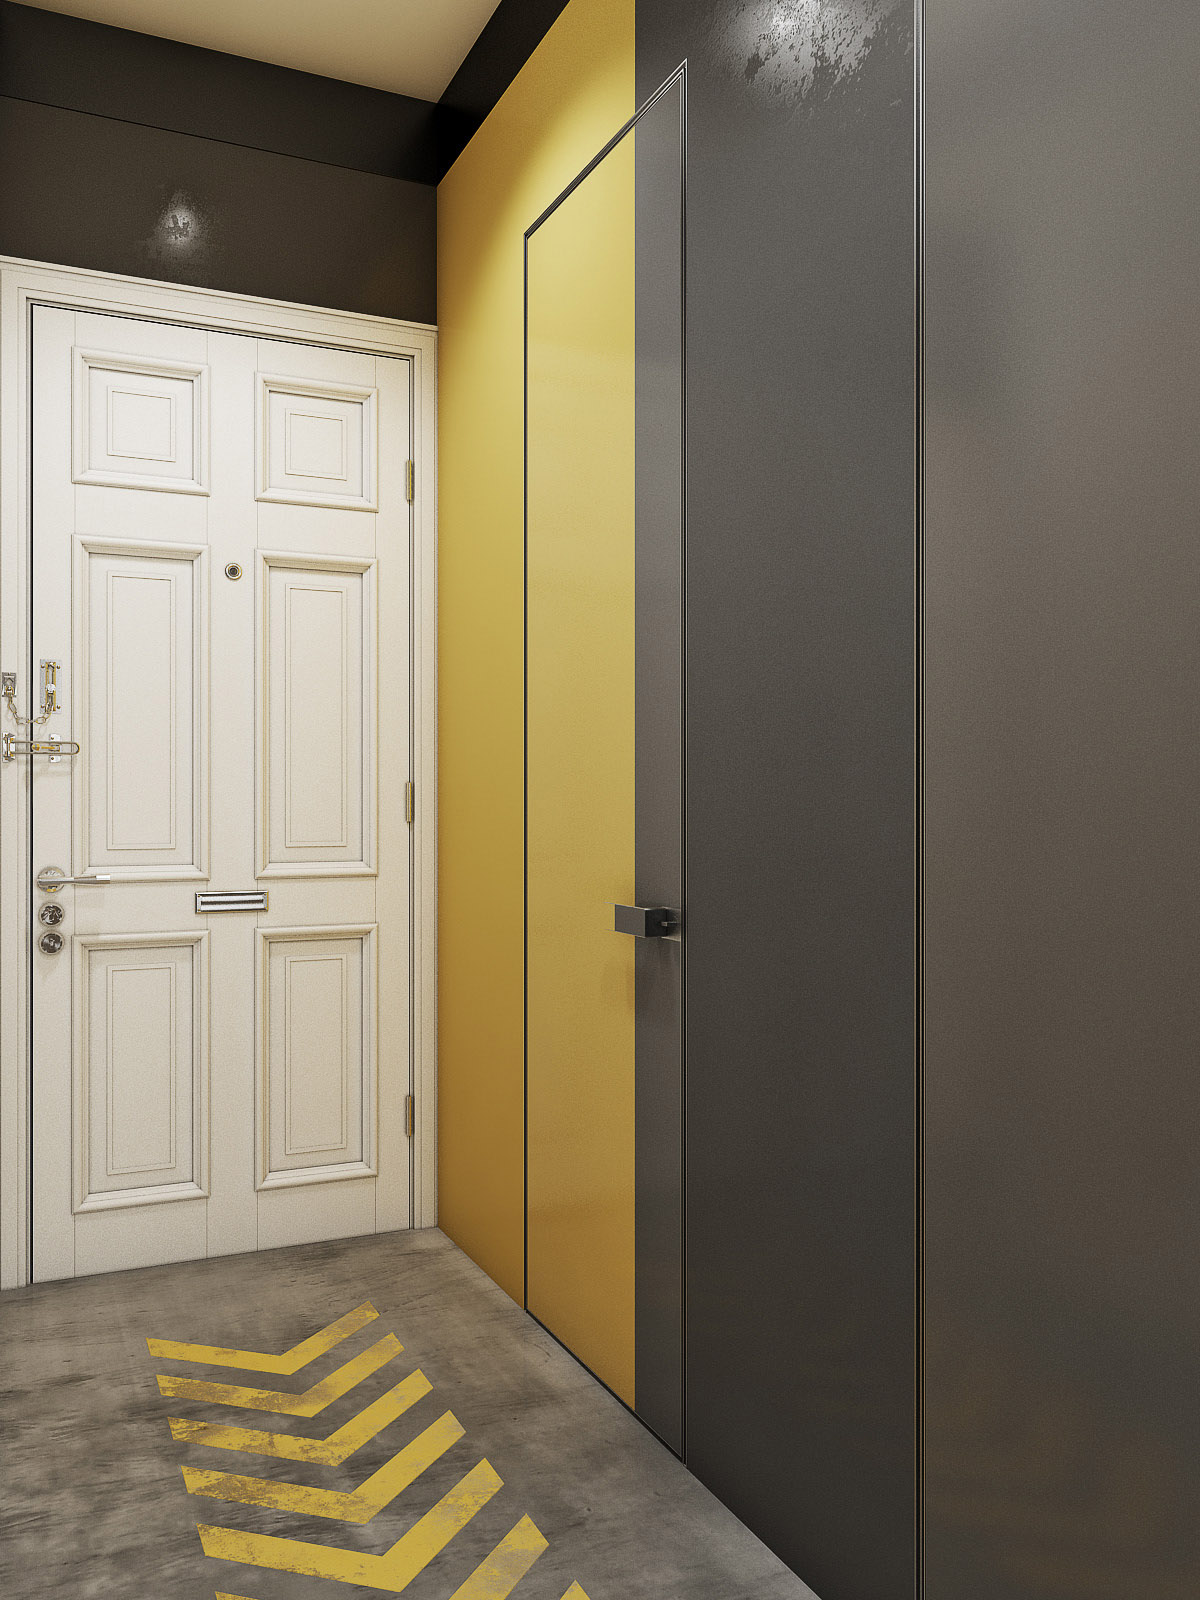 Sơn hai màu ngụy trang cửa phòng tắm